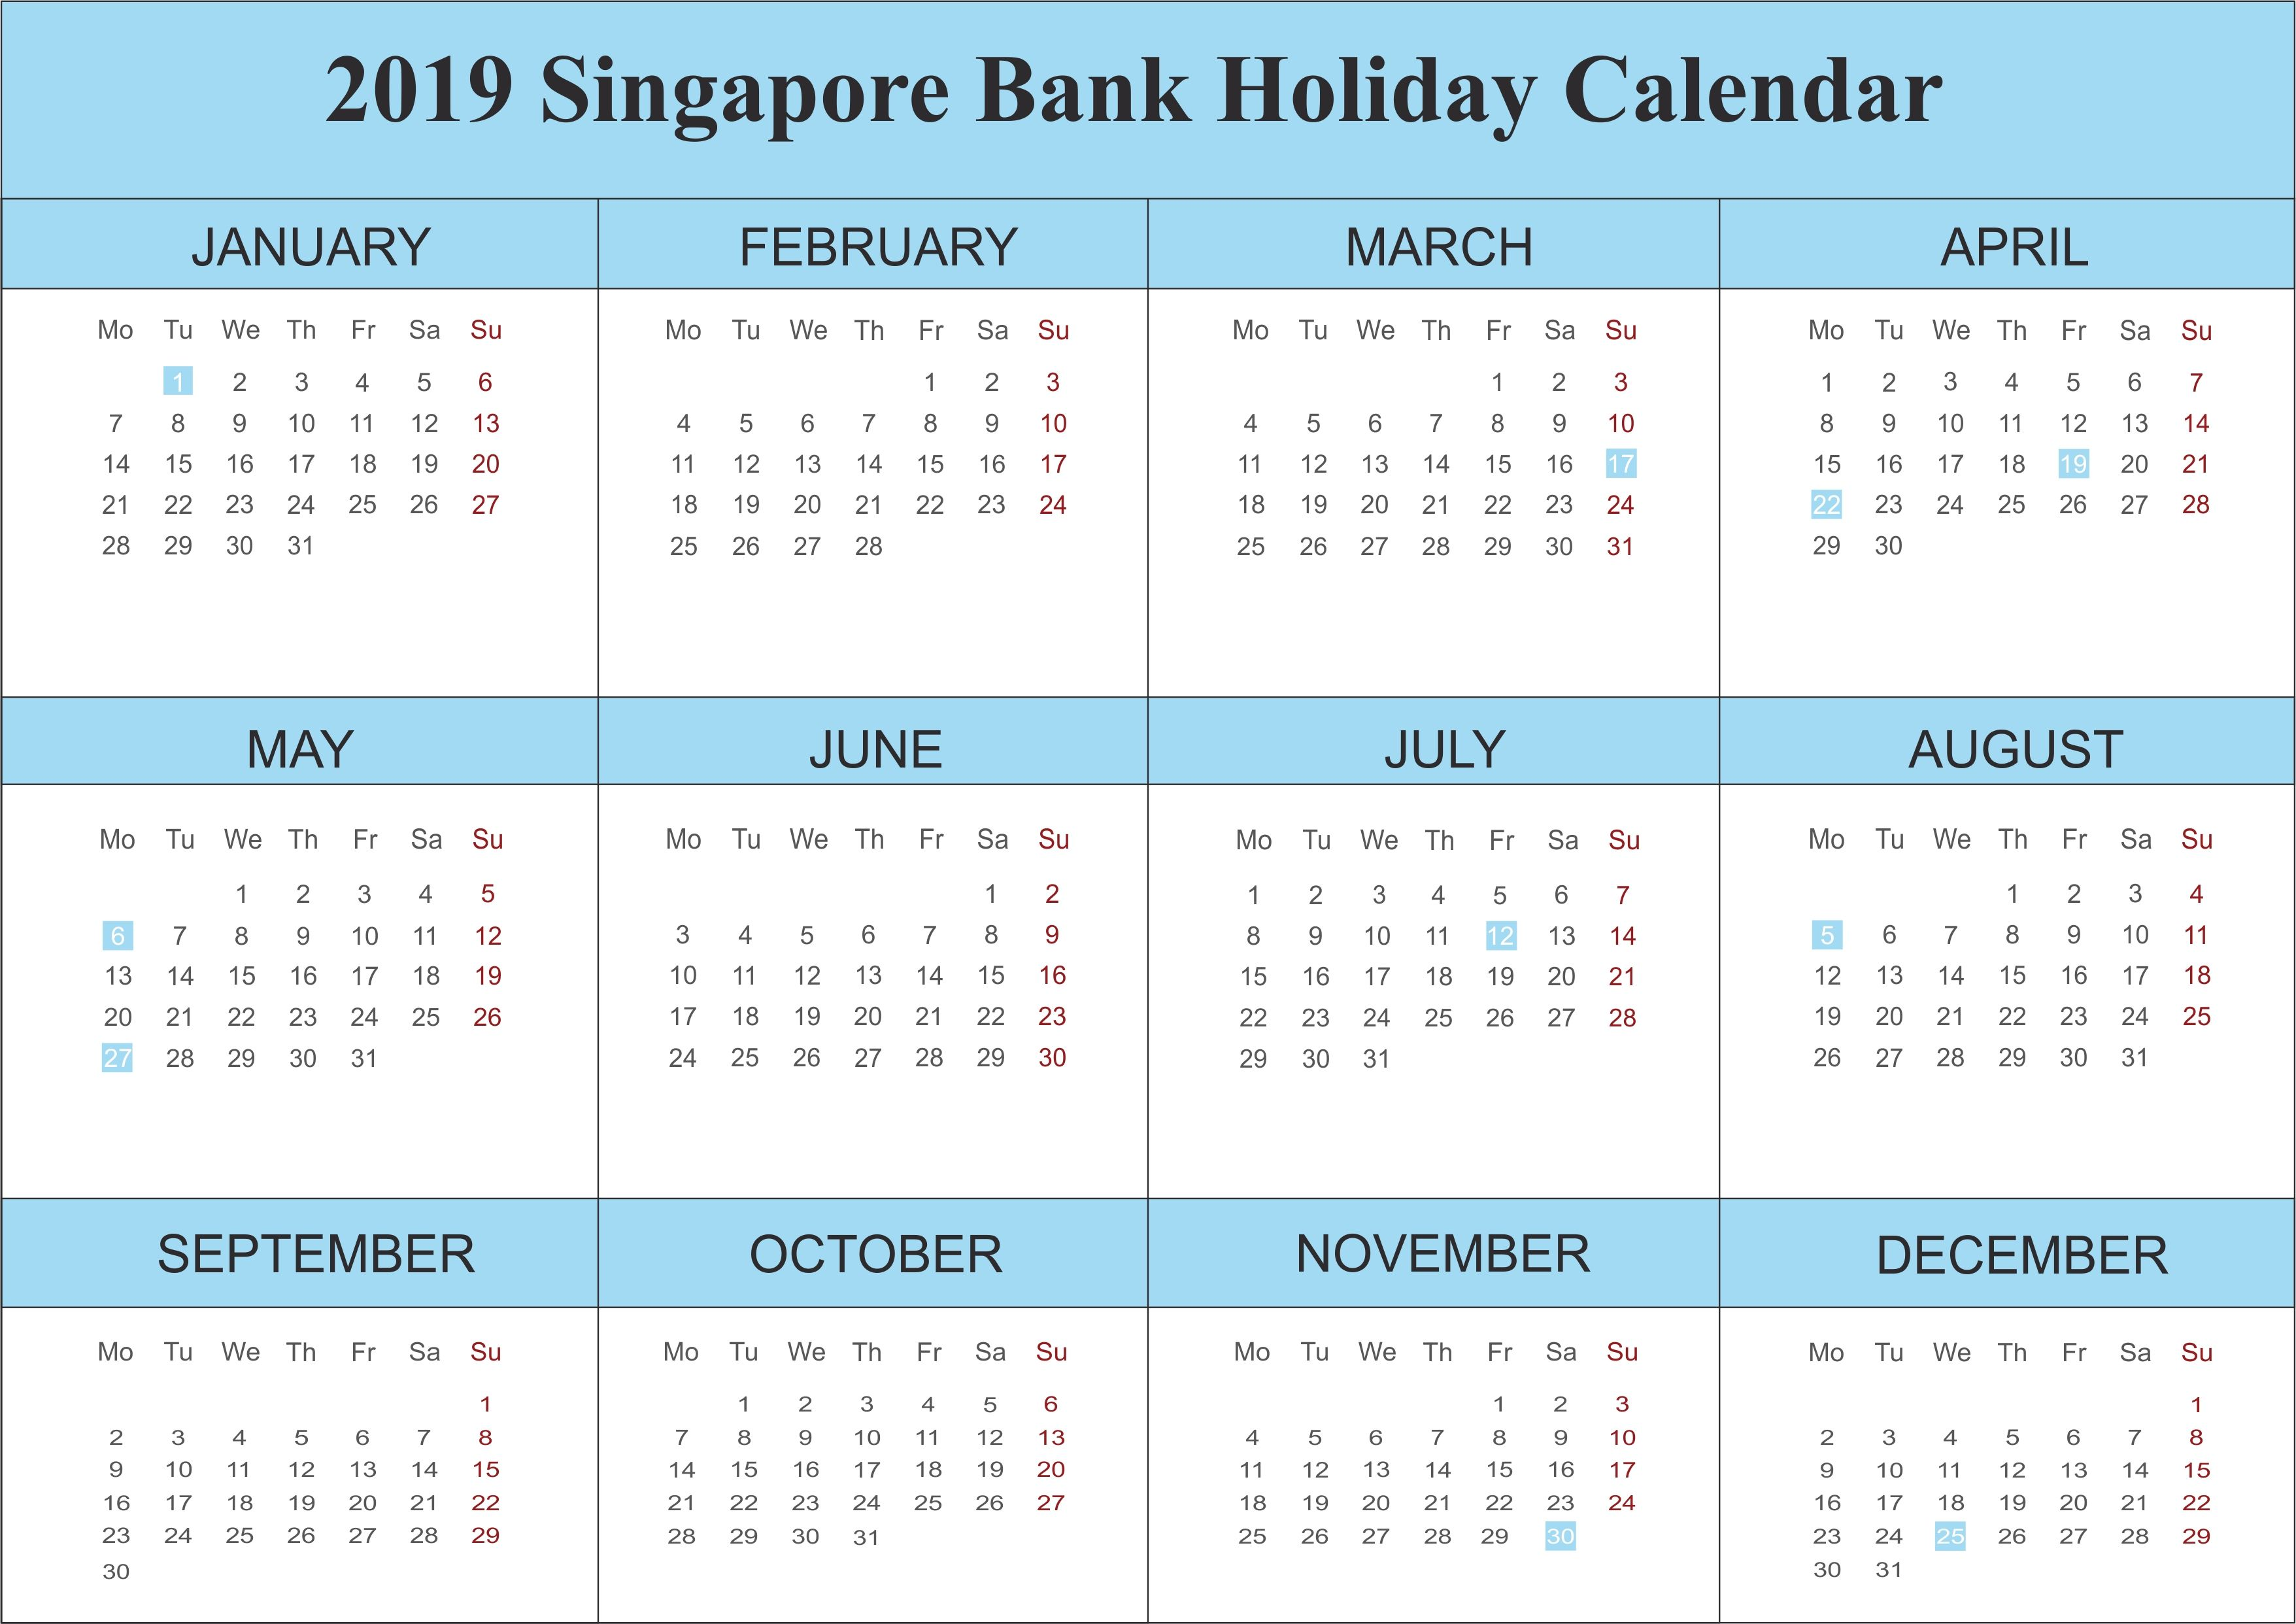 Free Singapore Calendar 2019 Pdf Excel Word Template April 2018 Get Holiday Calendar Holiday Calendar Printable Calendar Template